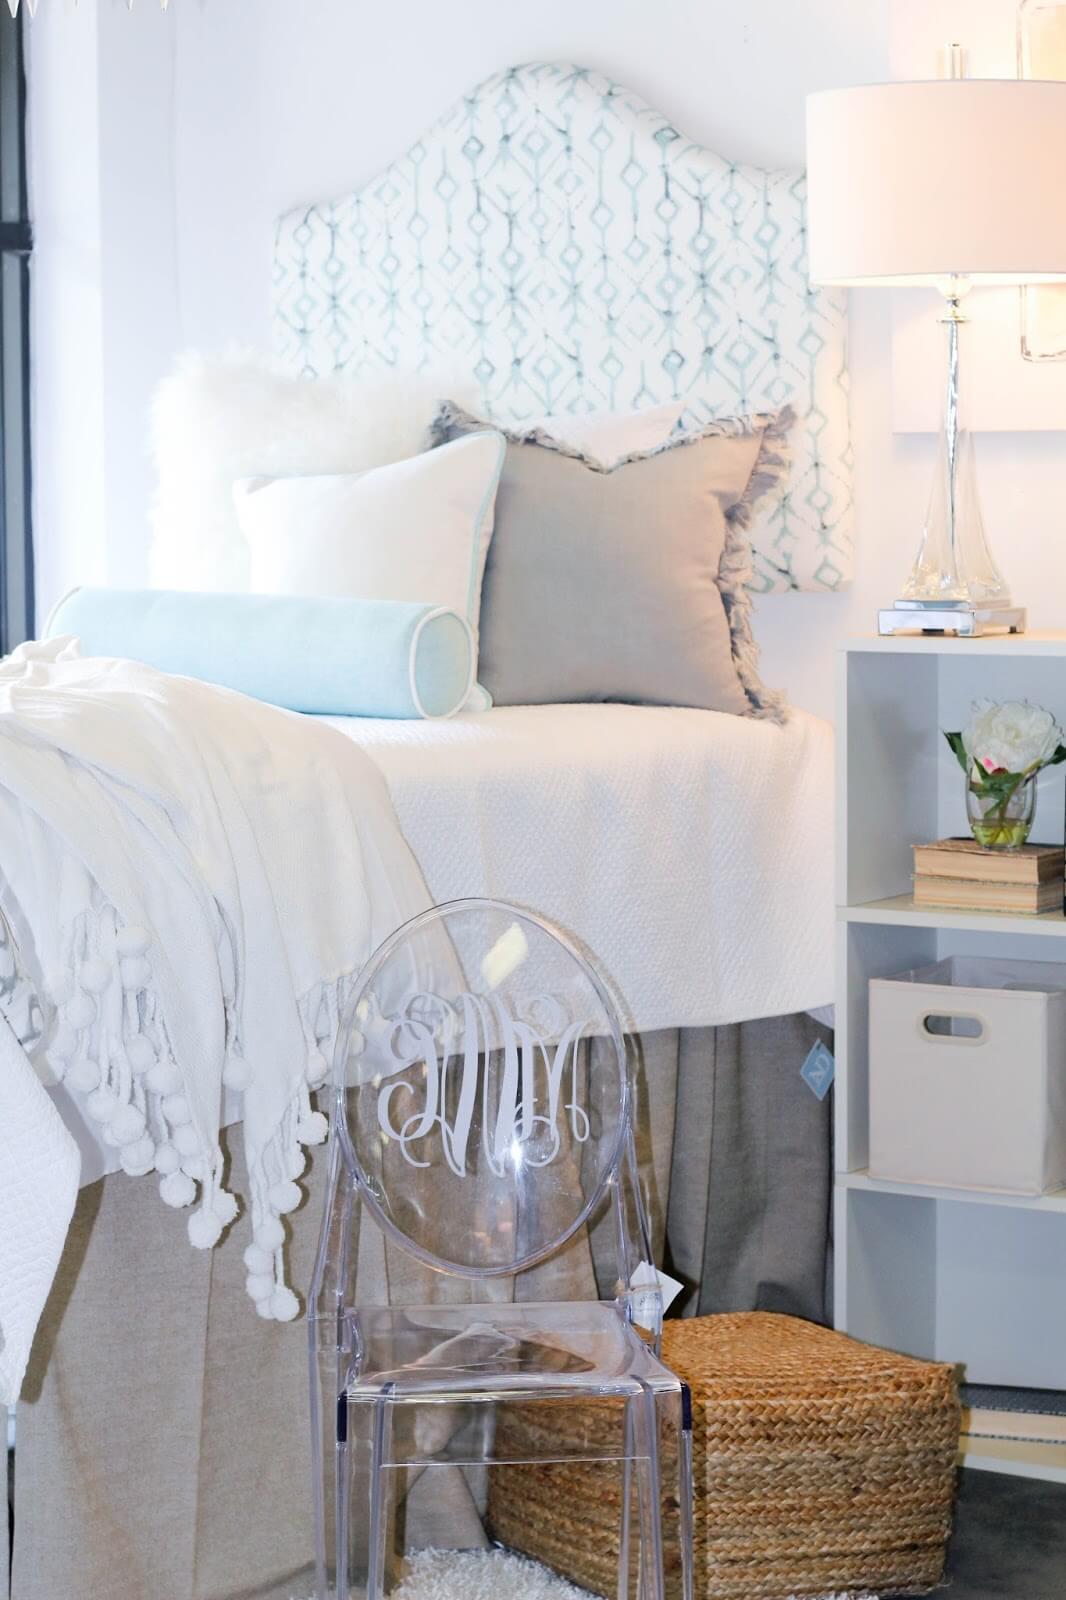 White Blossom Dorm Room Decor